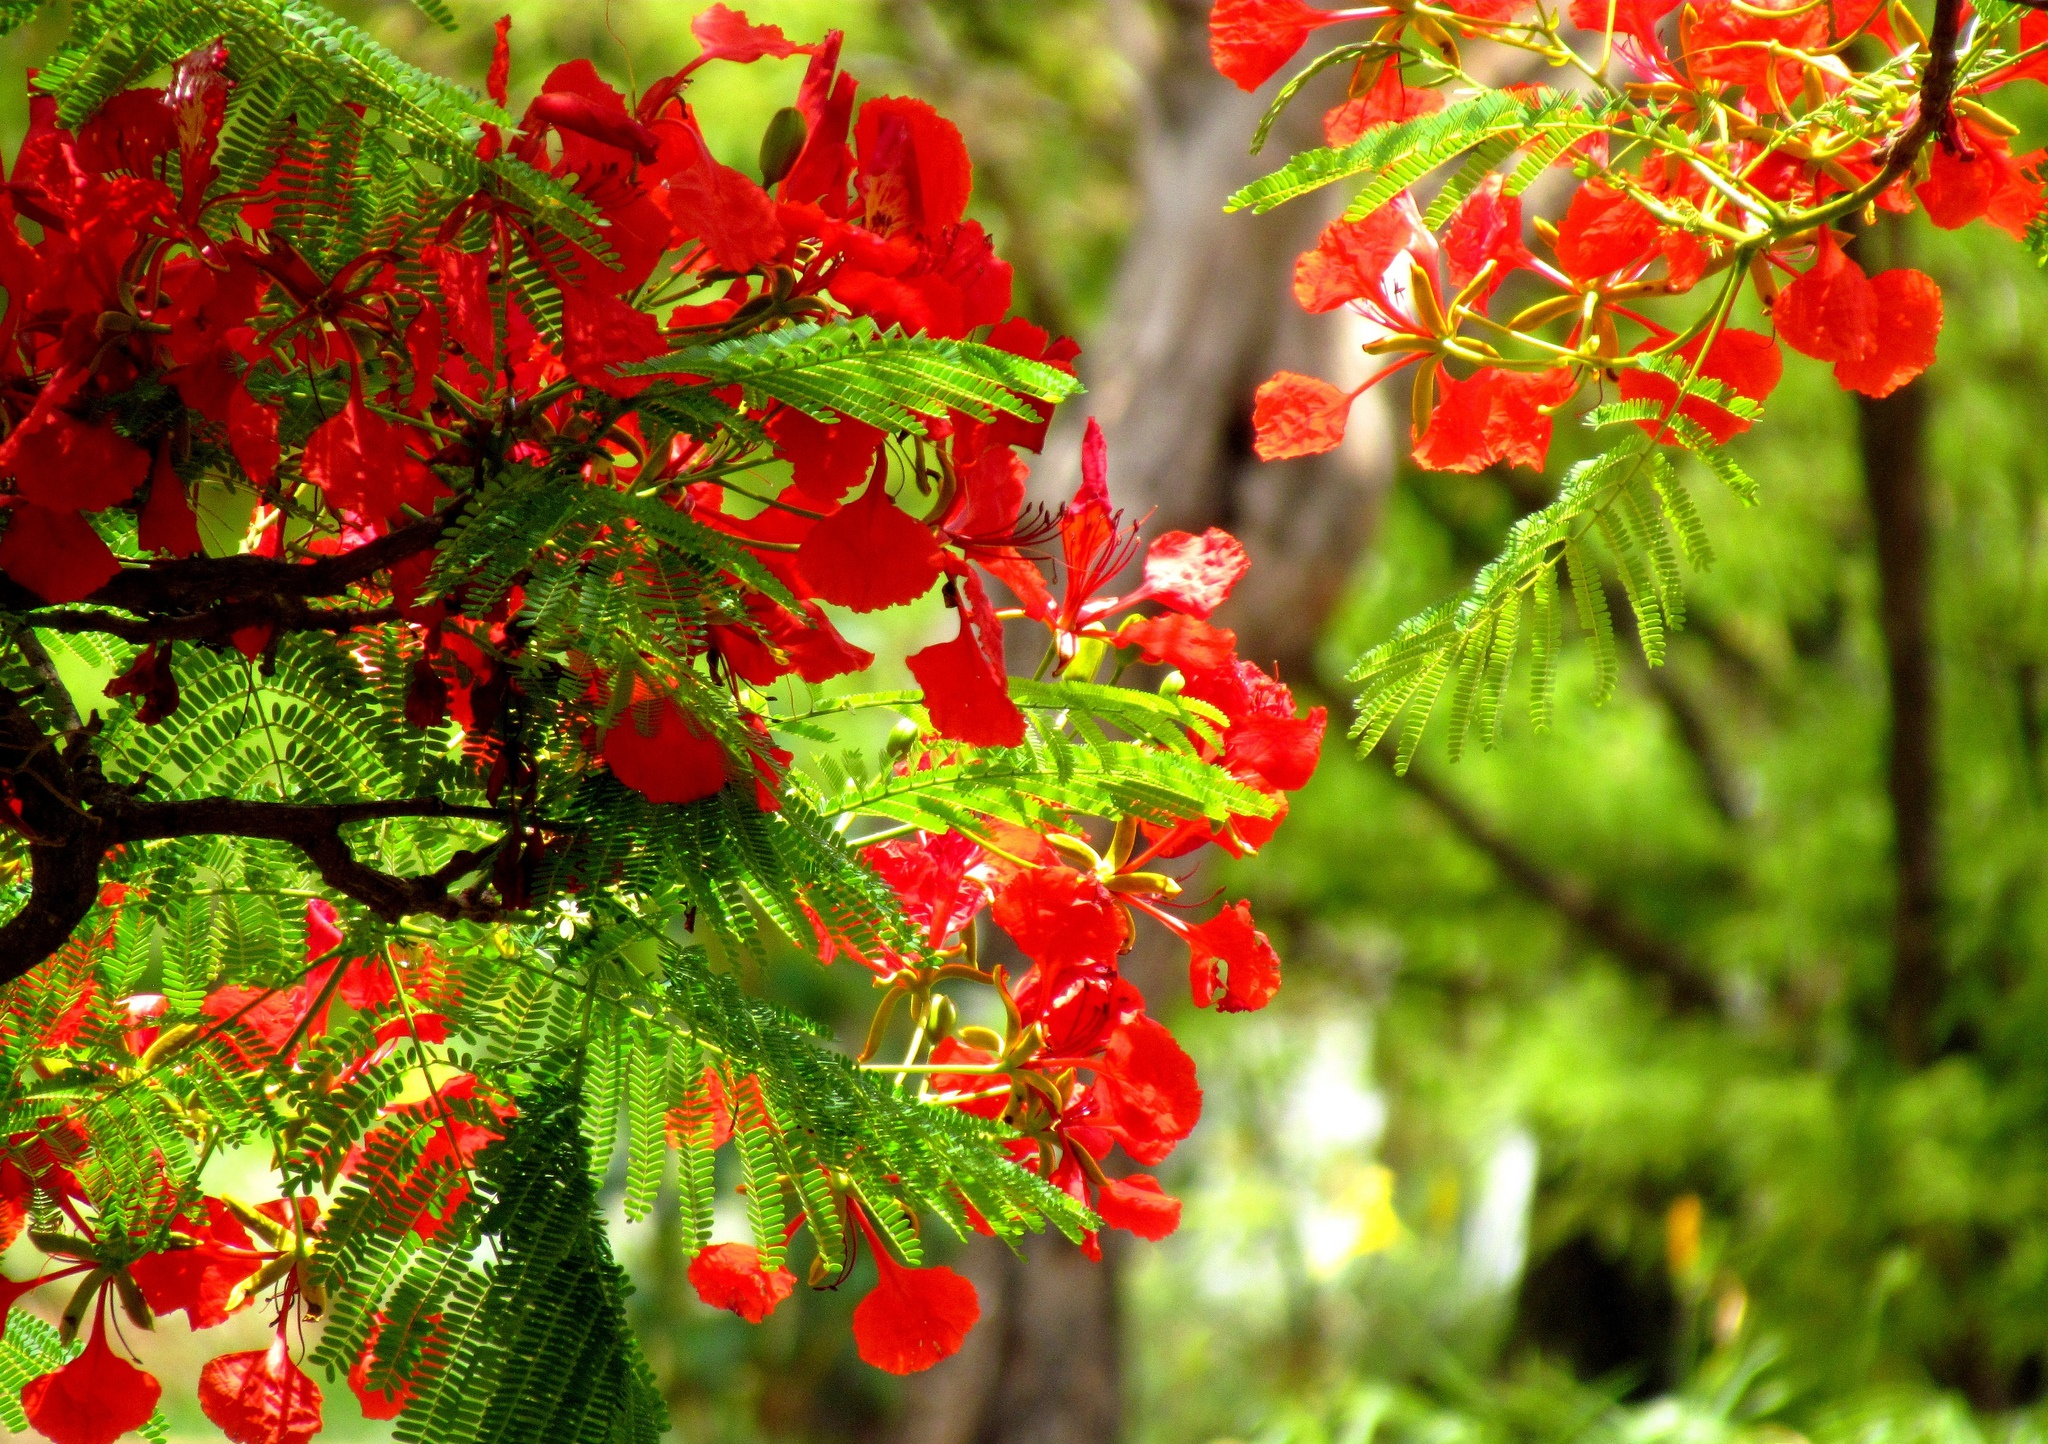 HÌnh ảnh hoa phượng cực đẹp